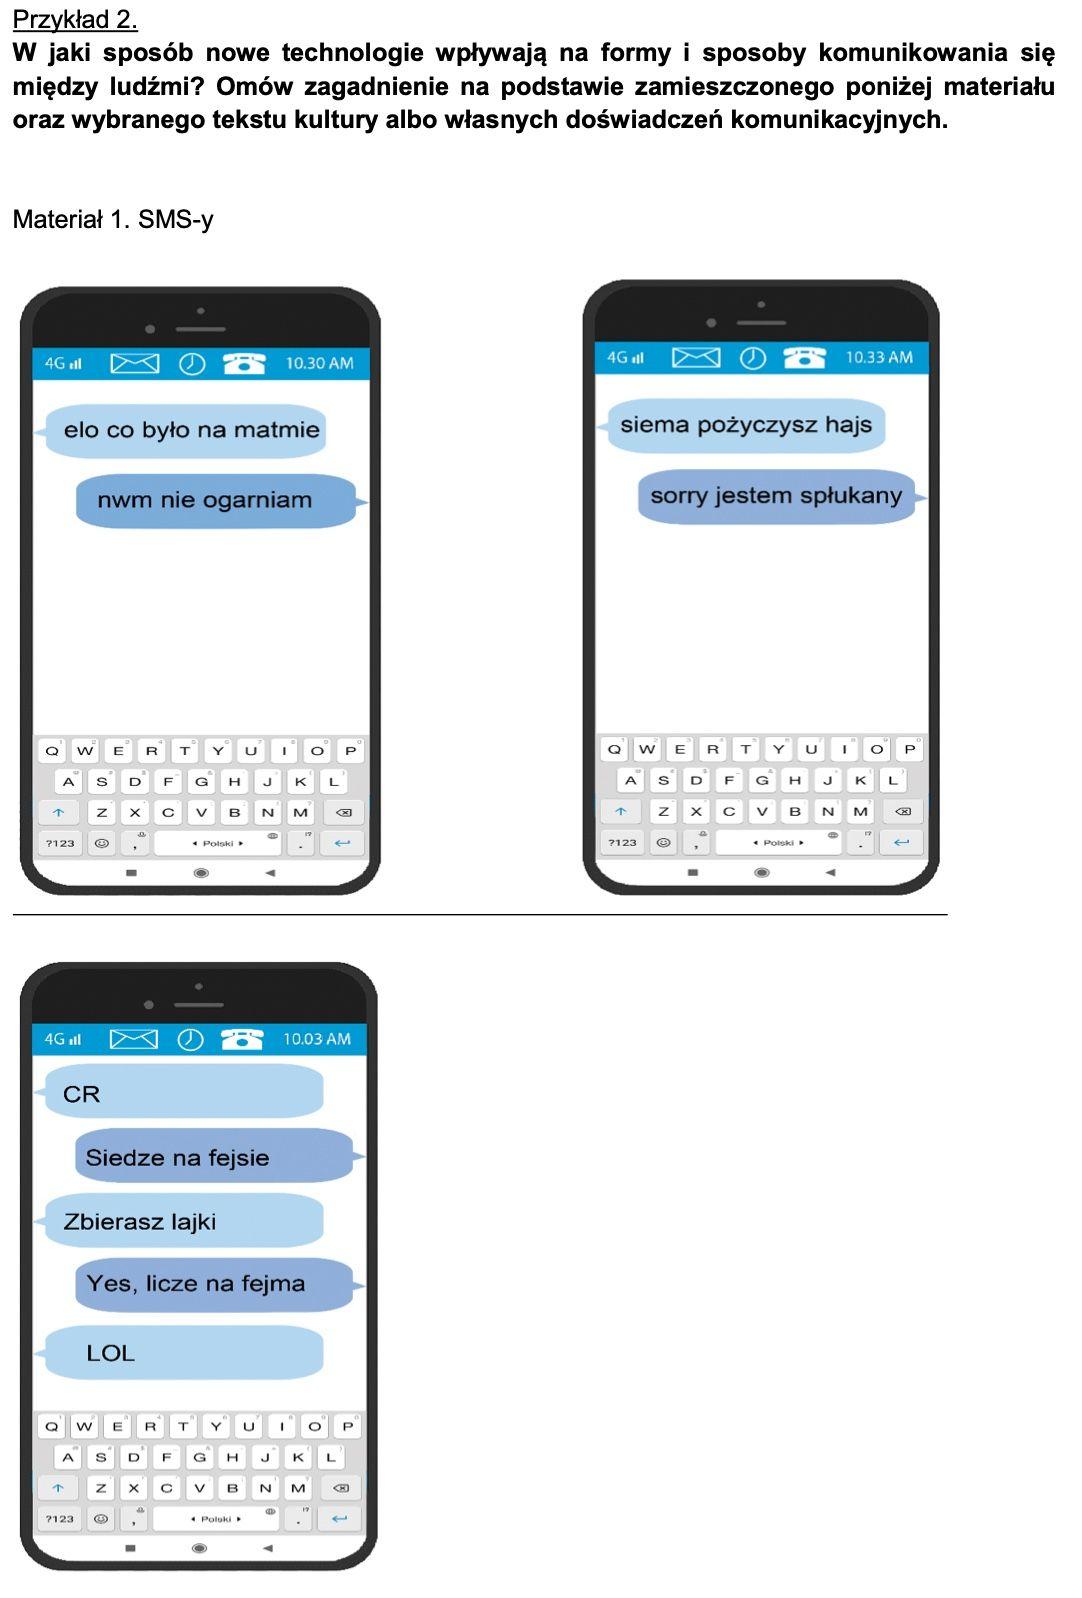 matura ustna pula pytań niejawnych 2023 informator sytuacja komunikacyjna tekst językowy sms